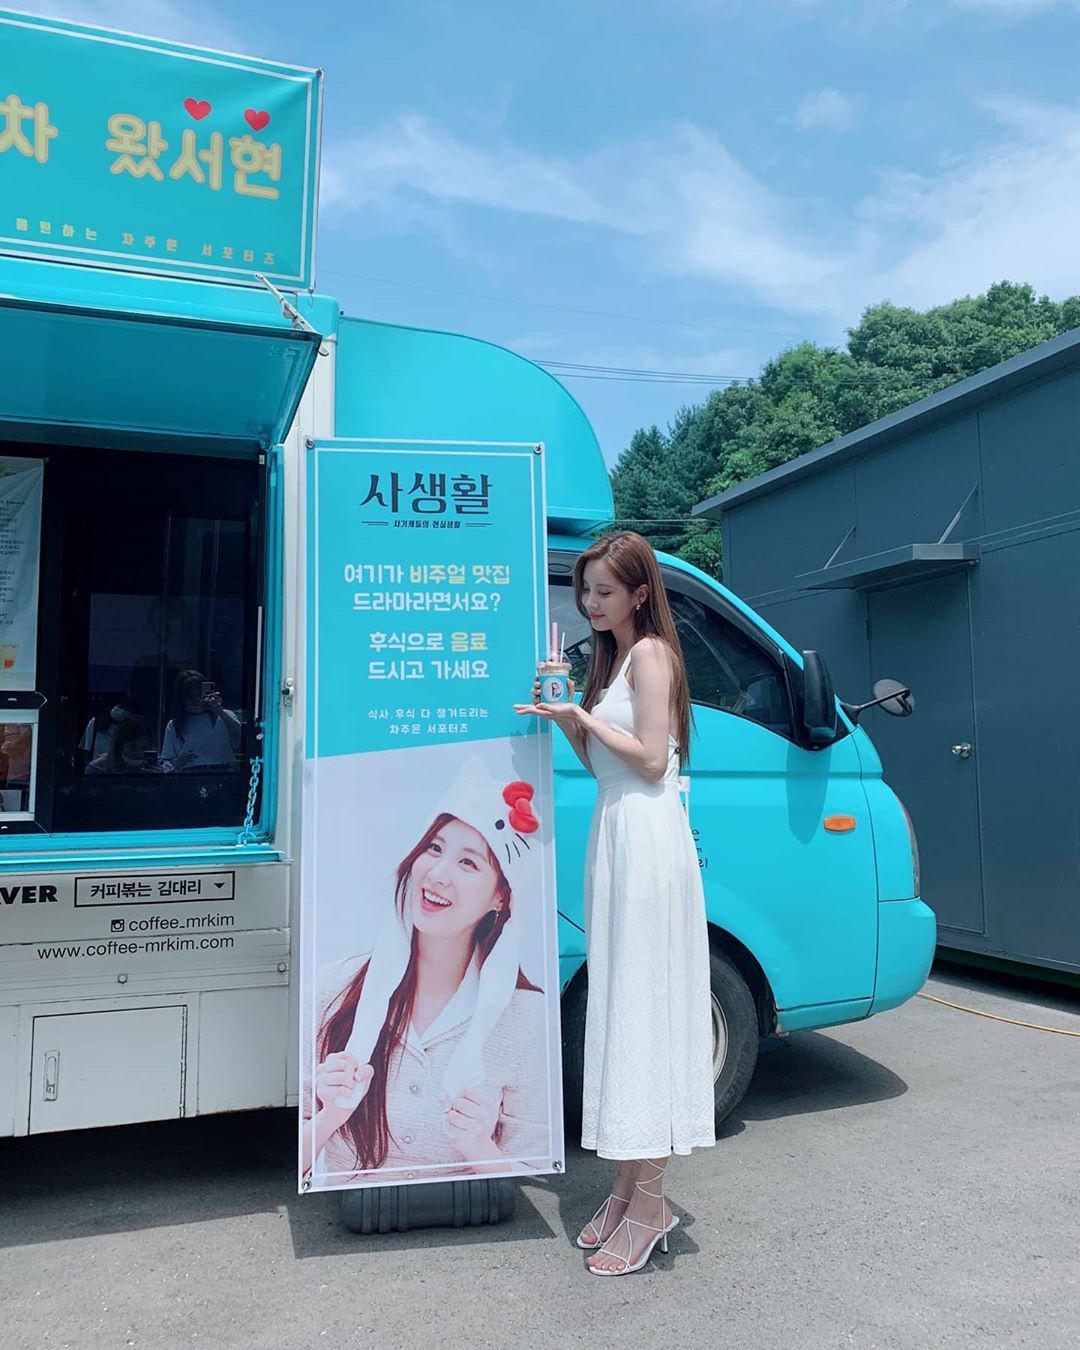 Ngắm outfit của sao Hàn, bạn học được khối tuyệt kỹ mix&match cực hay để có set đồ xinh bất bại - 4